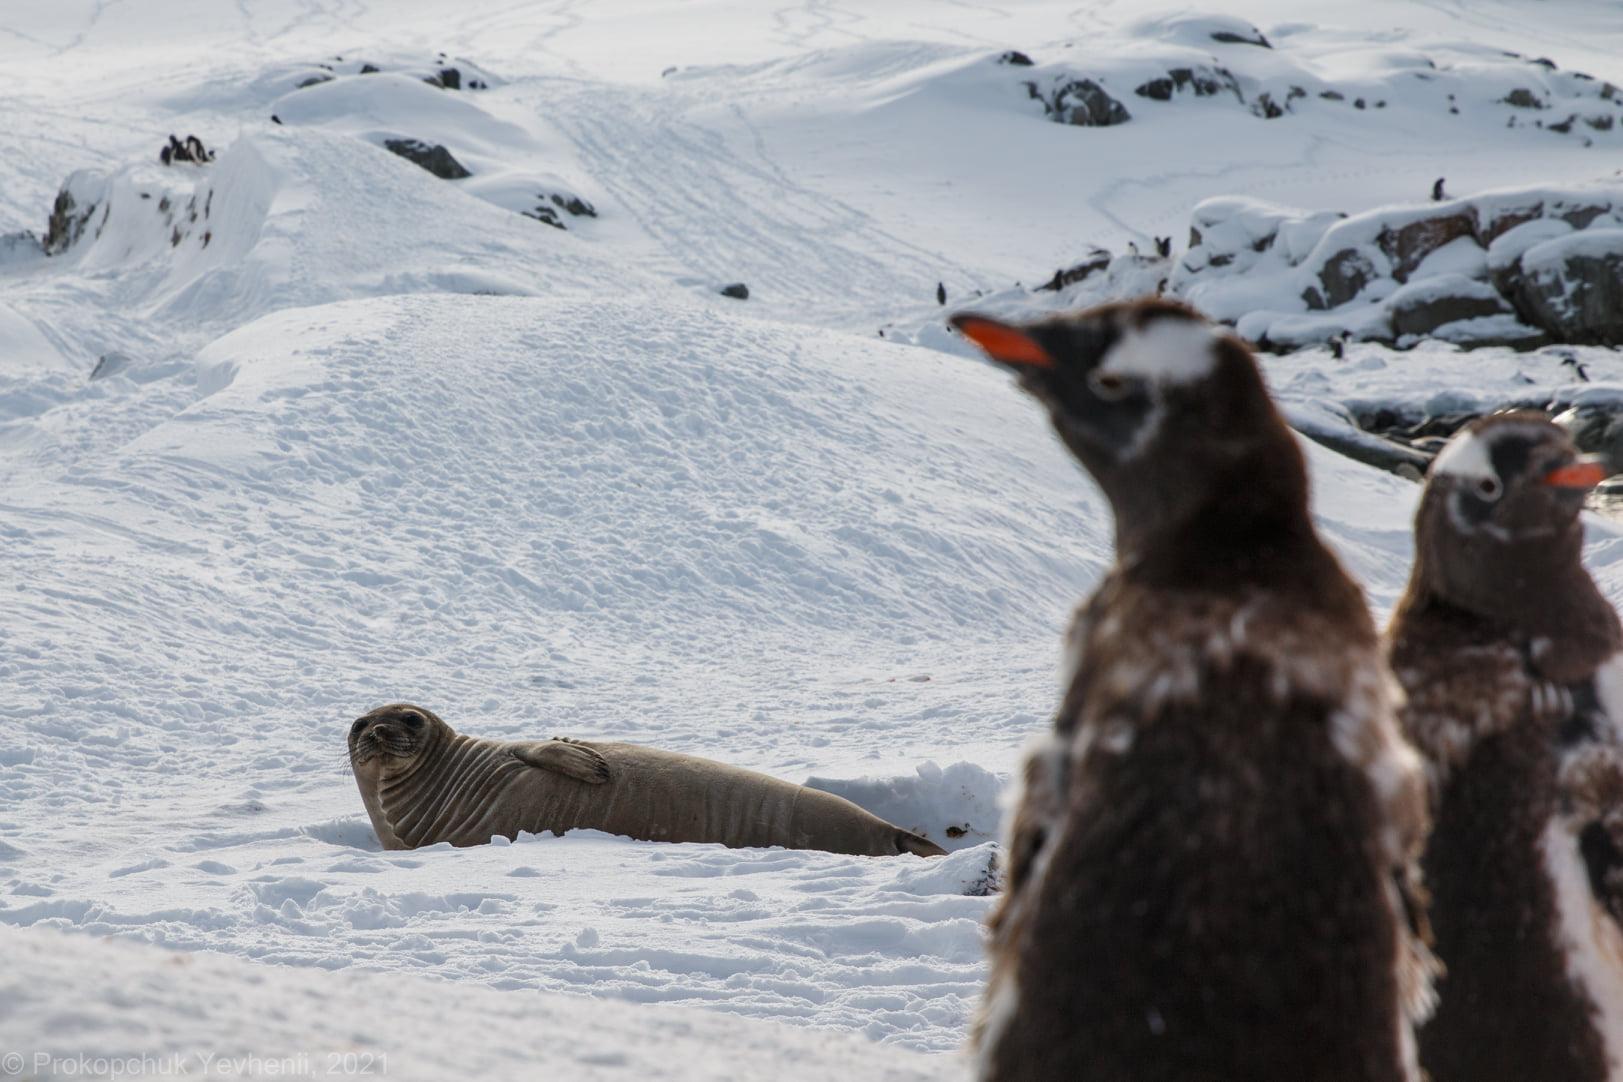 Украинцы встретили в Антарктиде морского слона. Он не был особо приветливым – фото